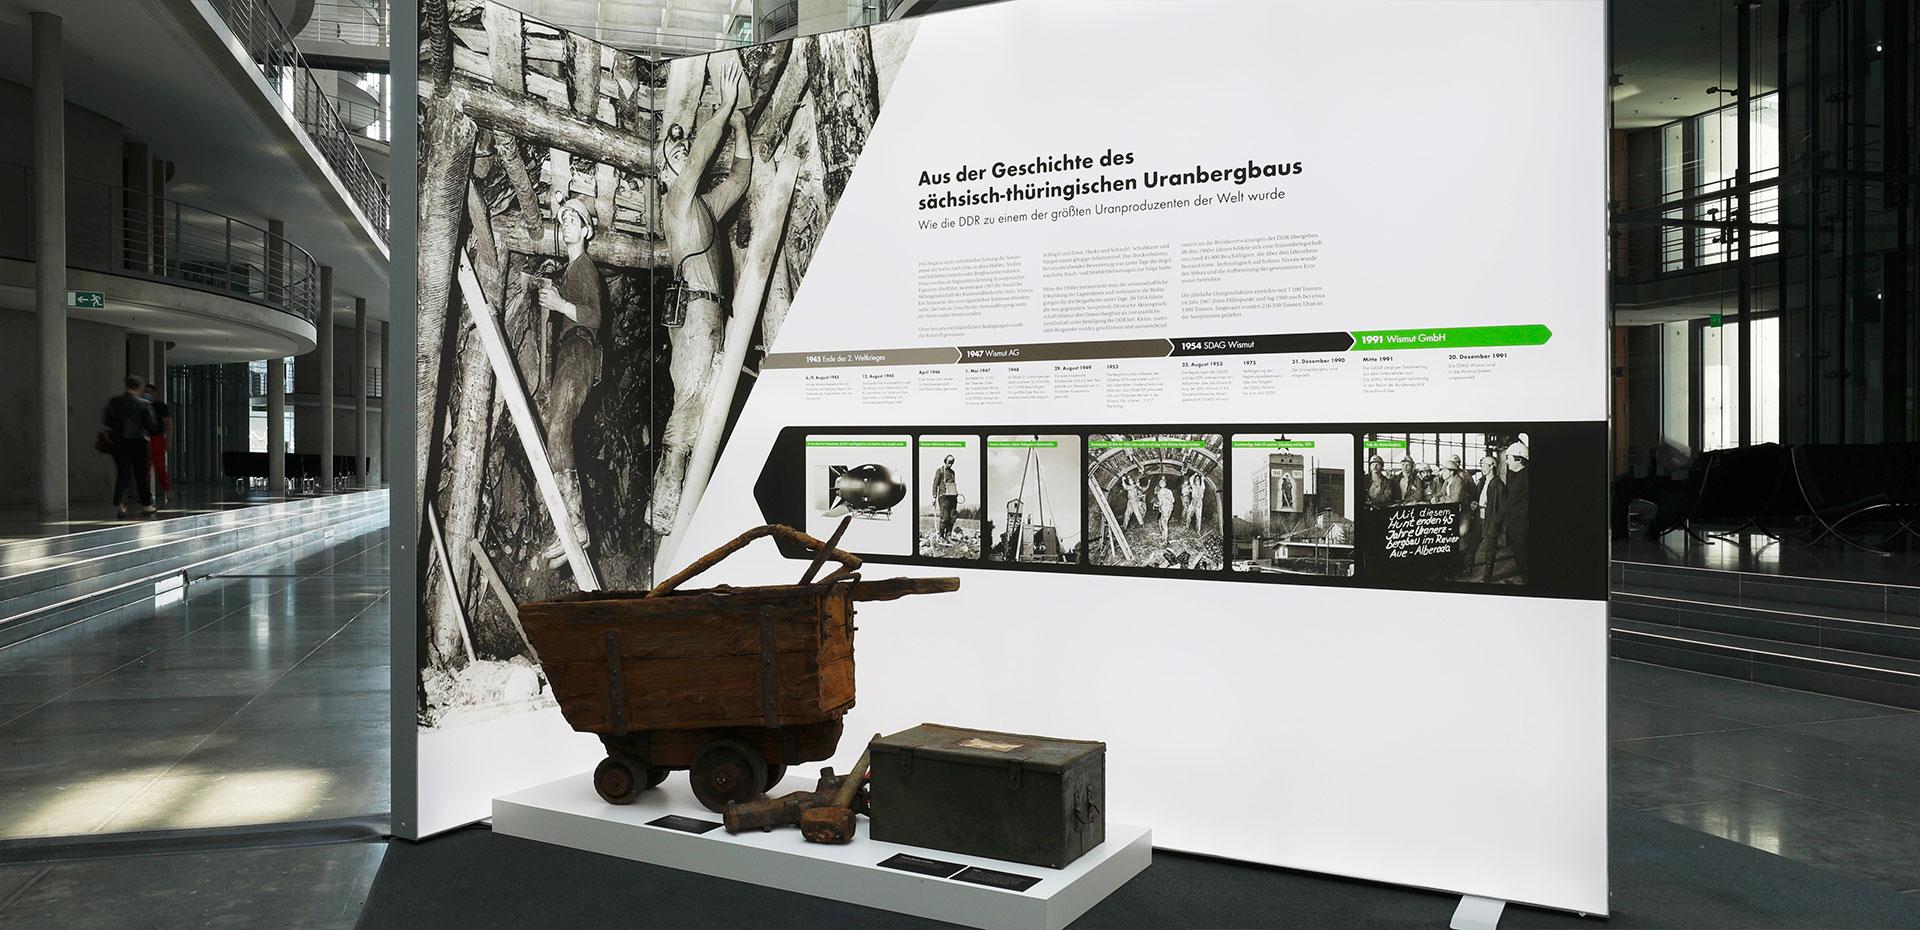 Aus der Geschichte des sächsisch-thüringischen Uranbergbaus